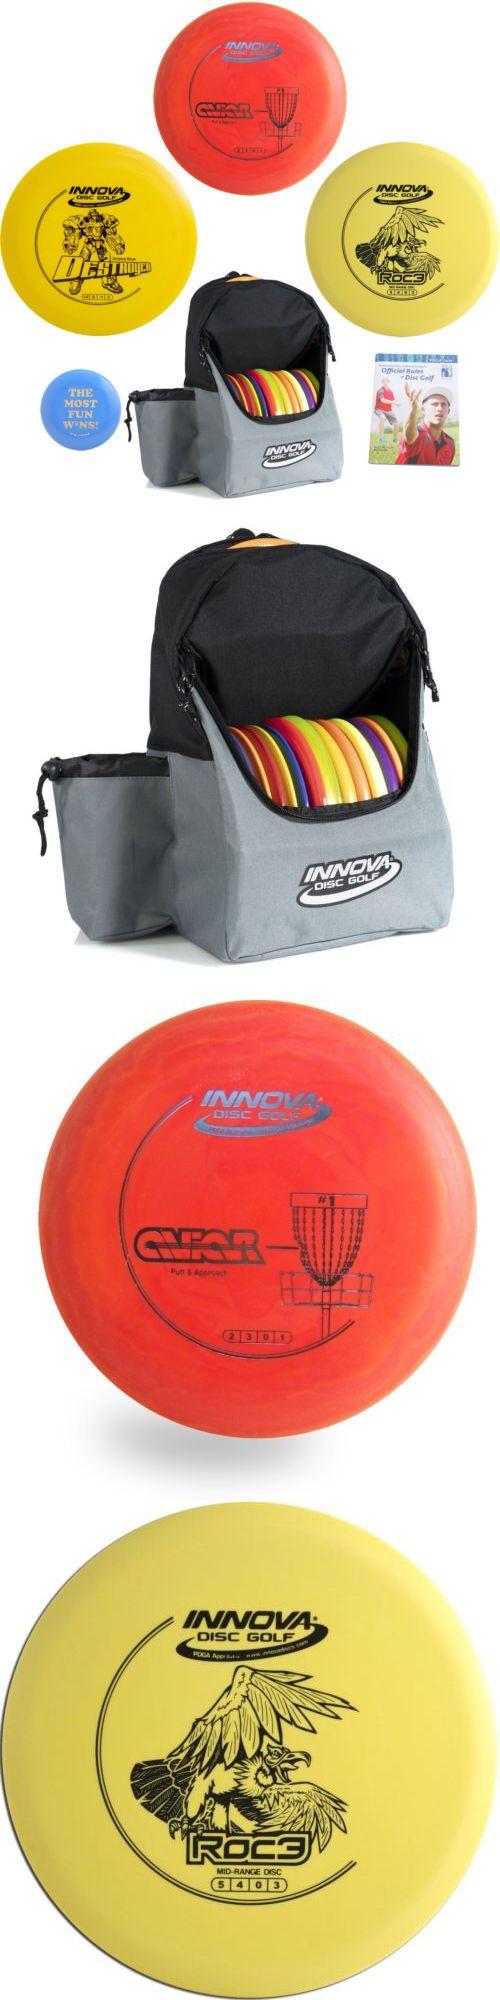 Disc Golf Sets 184358 Complete Advanced Gift Set Innova Backpack Bag